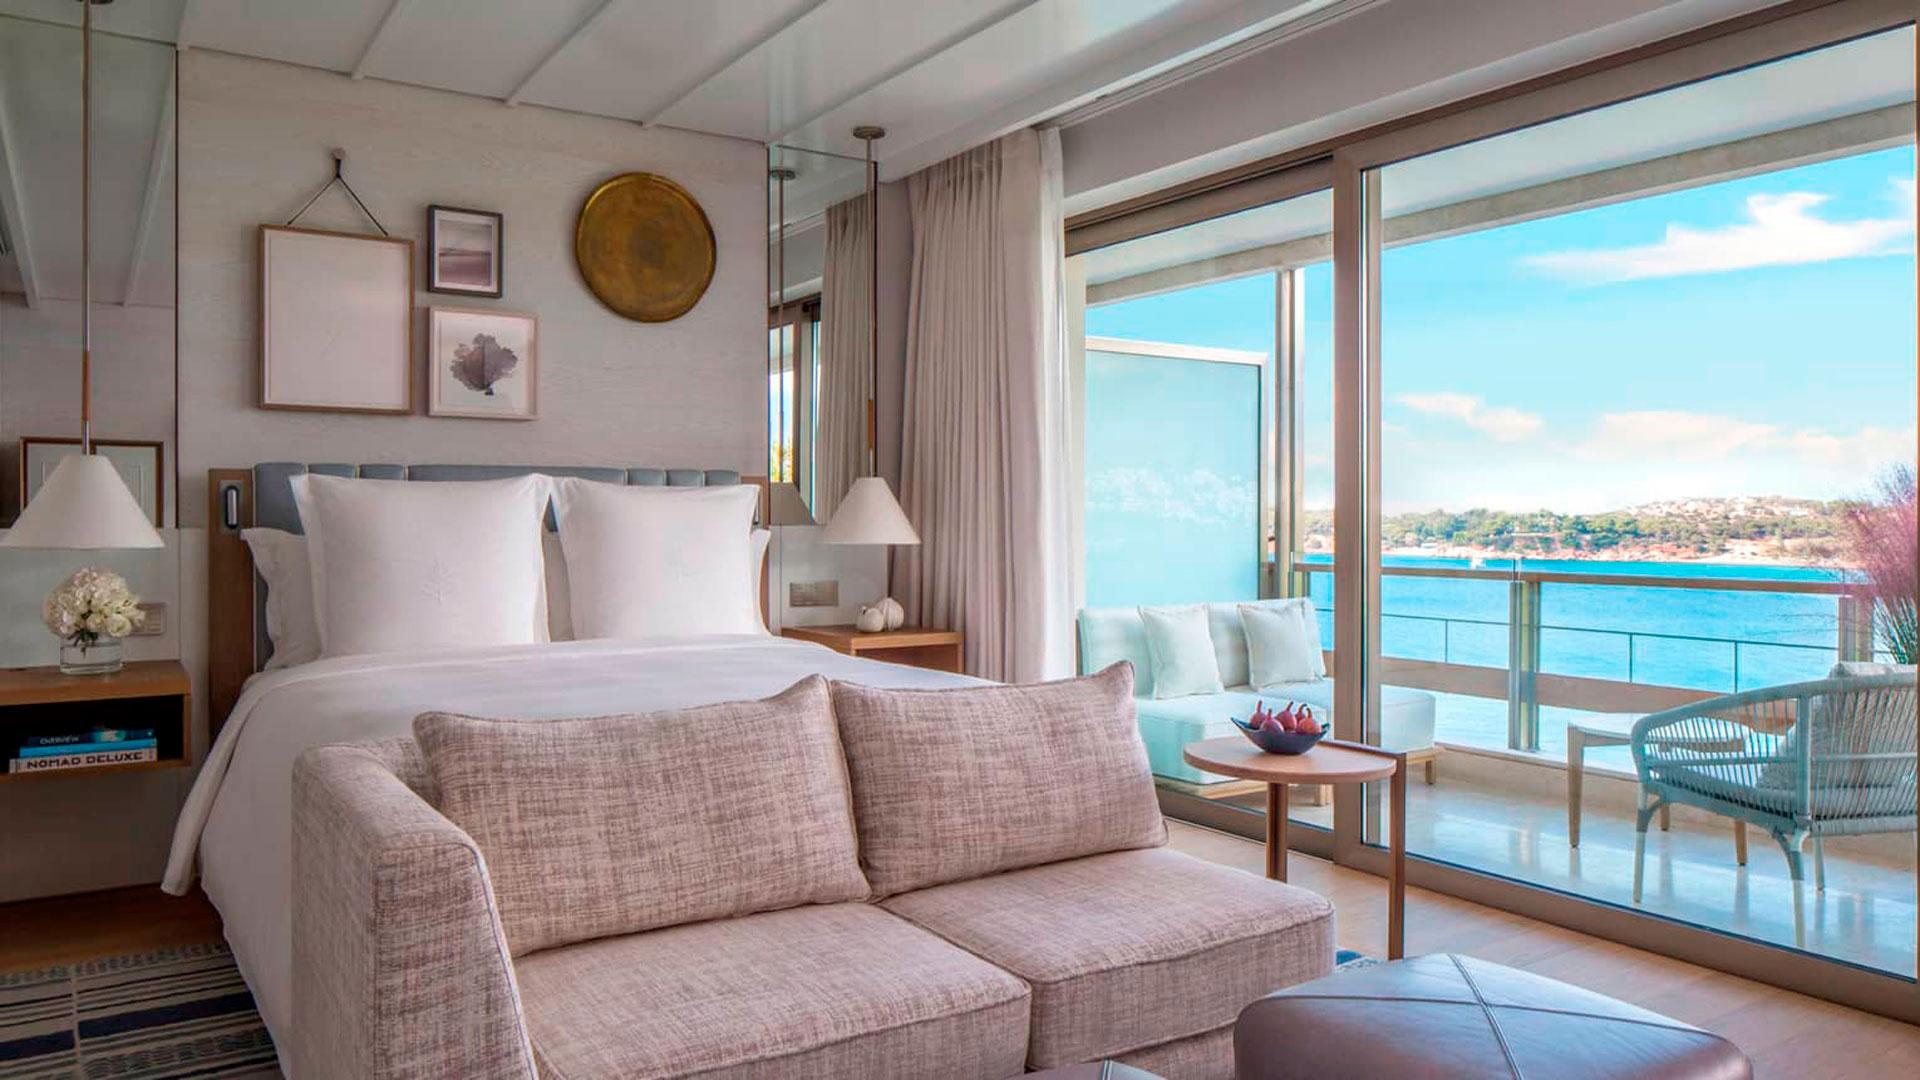 Imagen del hotel Four Seasons Atenas